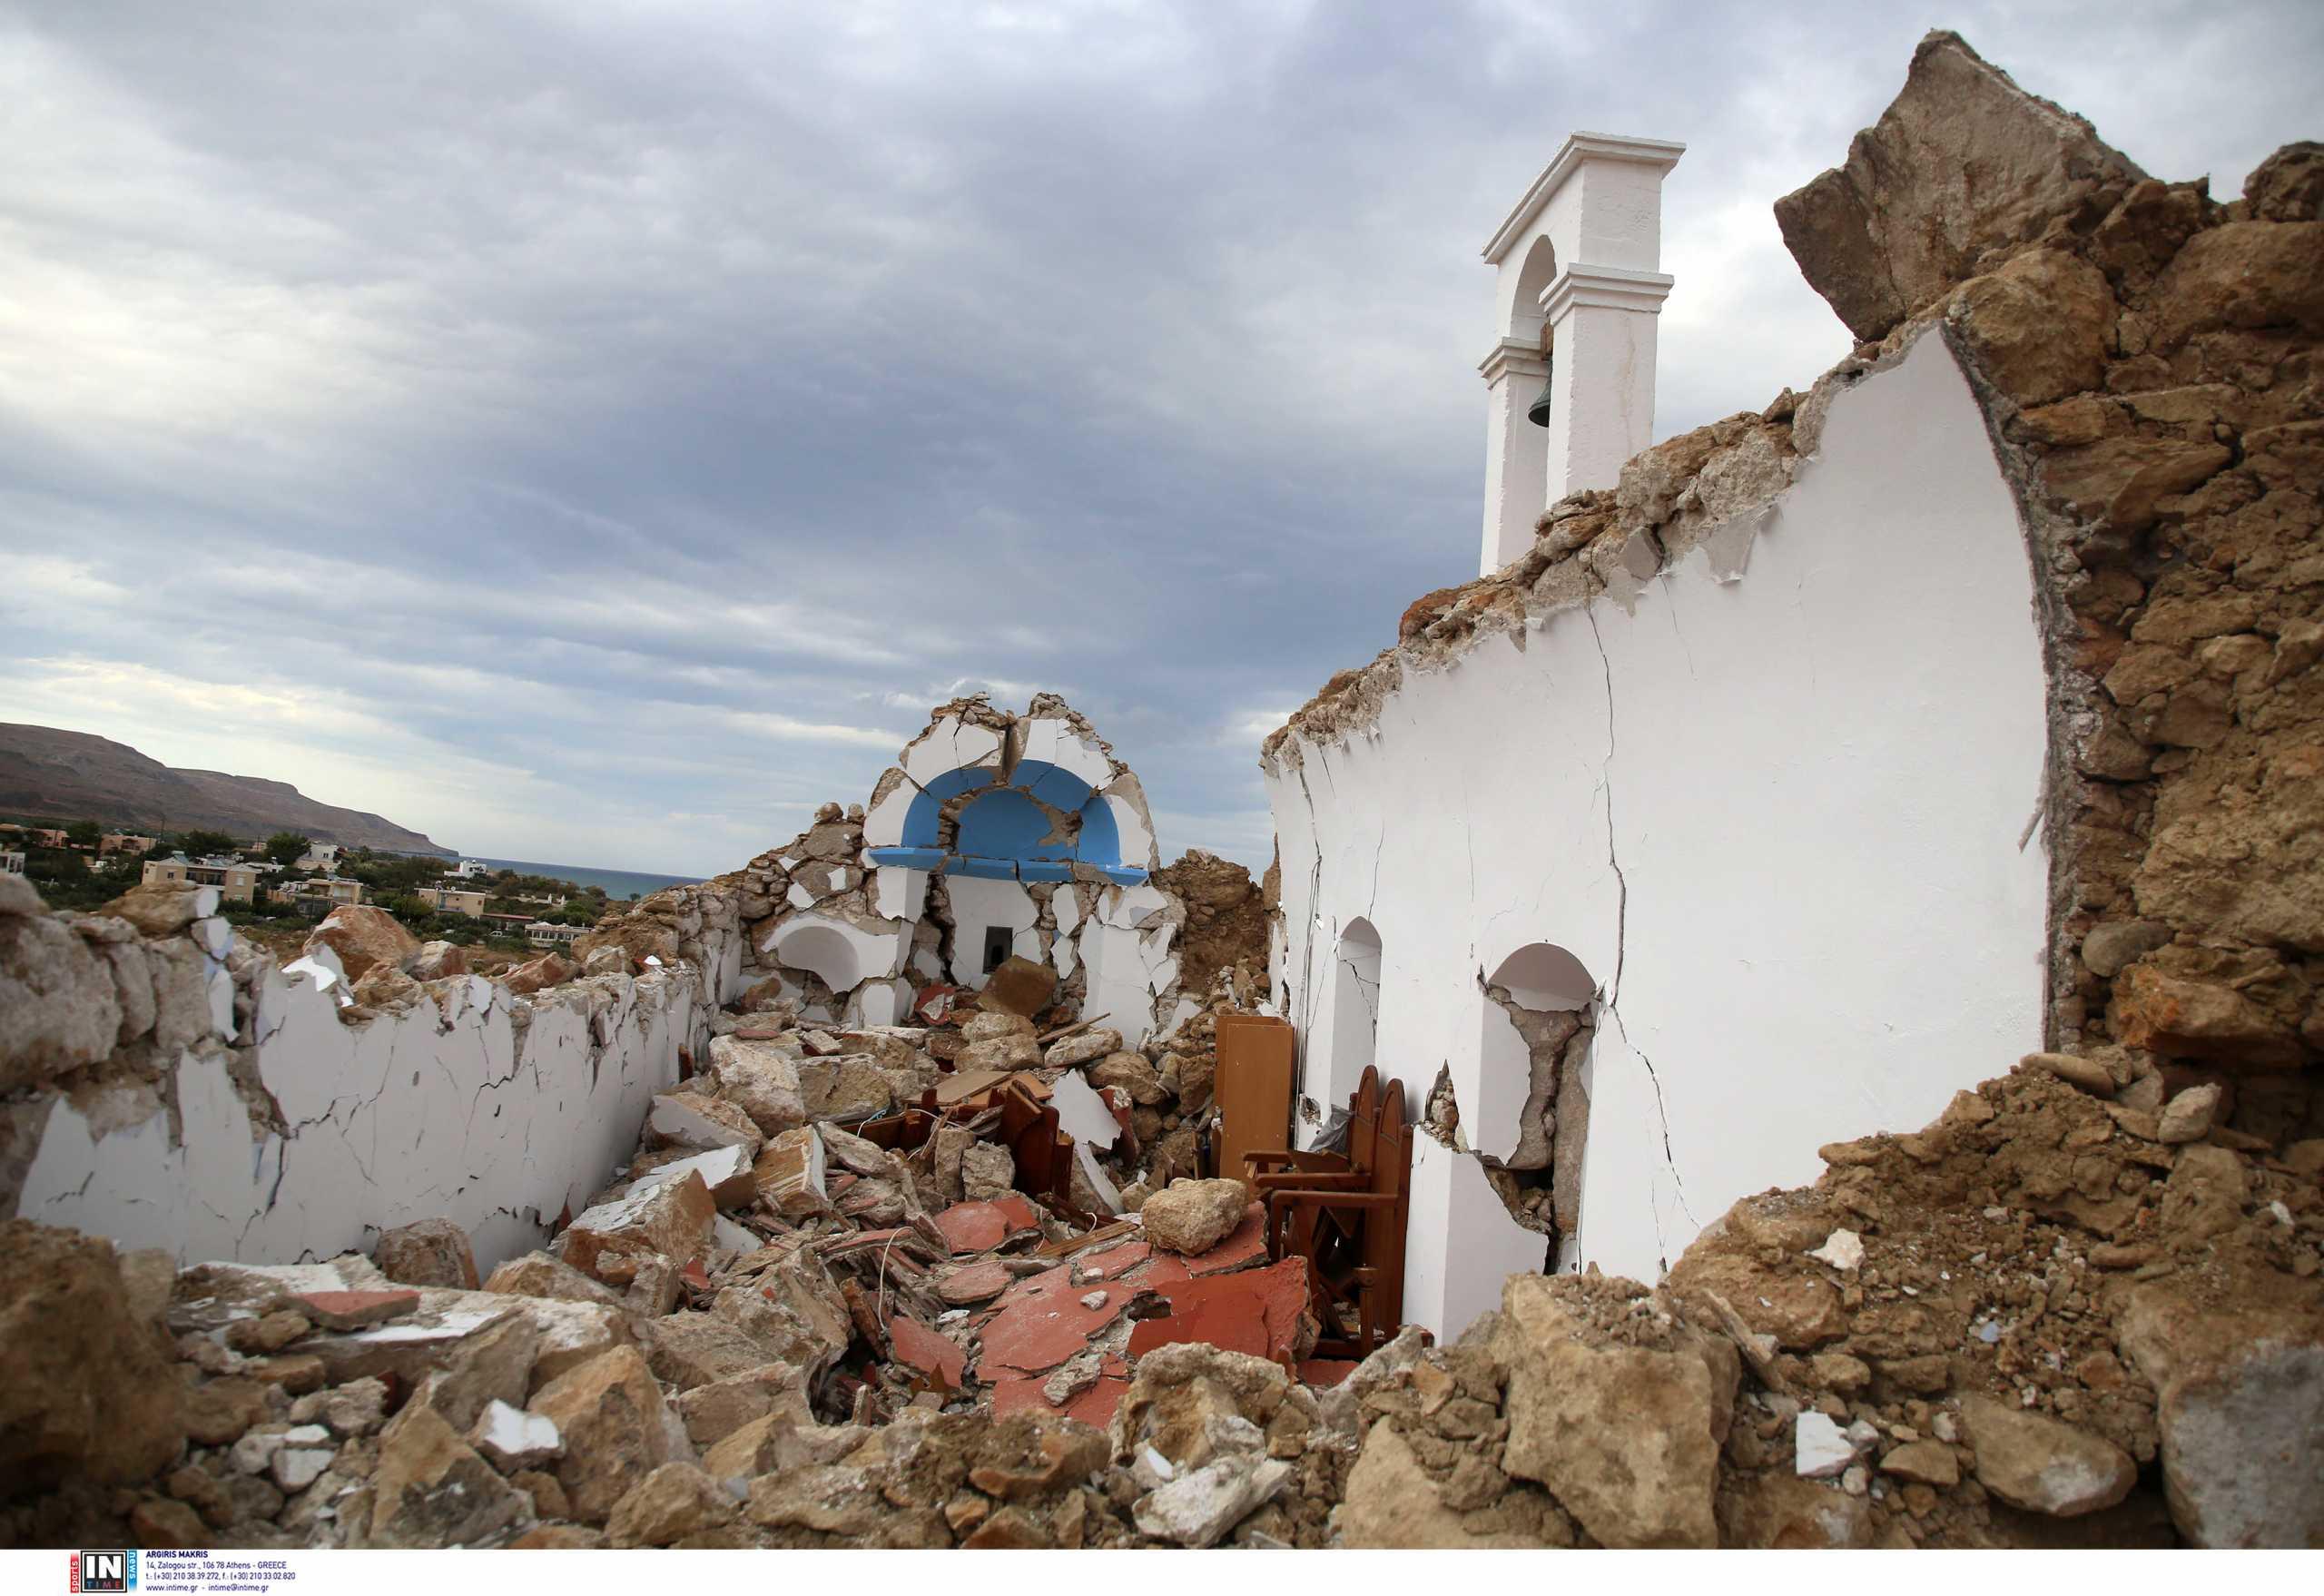 Σεισμός στην Κρήτη: Στη Σητεία ο Γιάννης Πλακιωτάκης – «Ο Θανάσης Μαρτίνος θα αποκαταστήσει το εκκλησάκι του Αγίου Νικολάου»